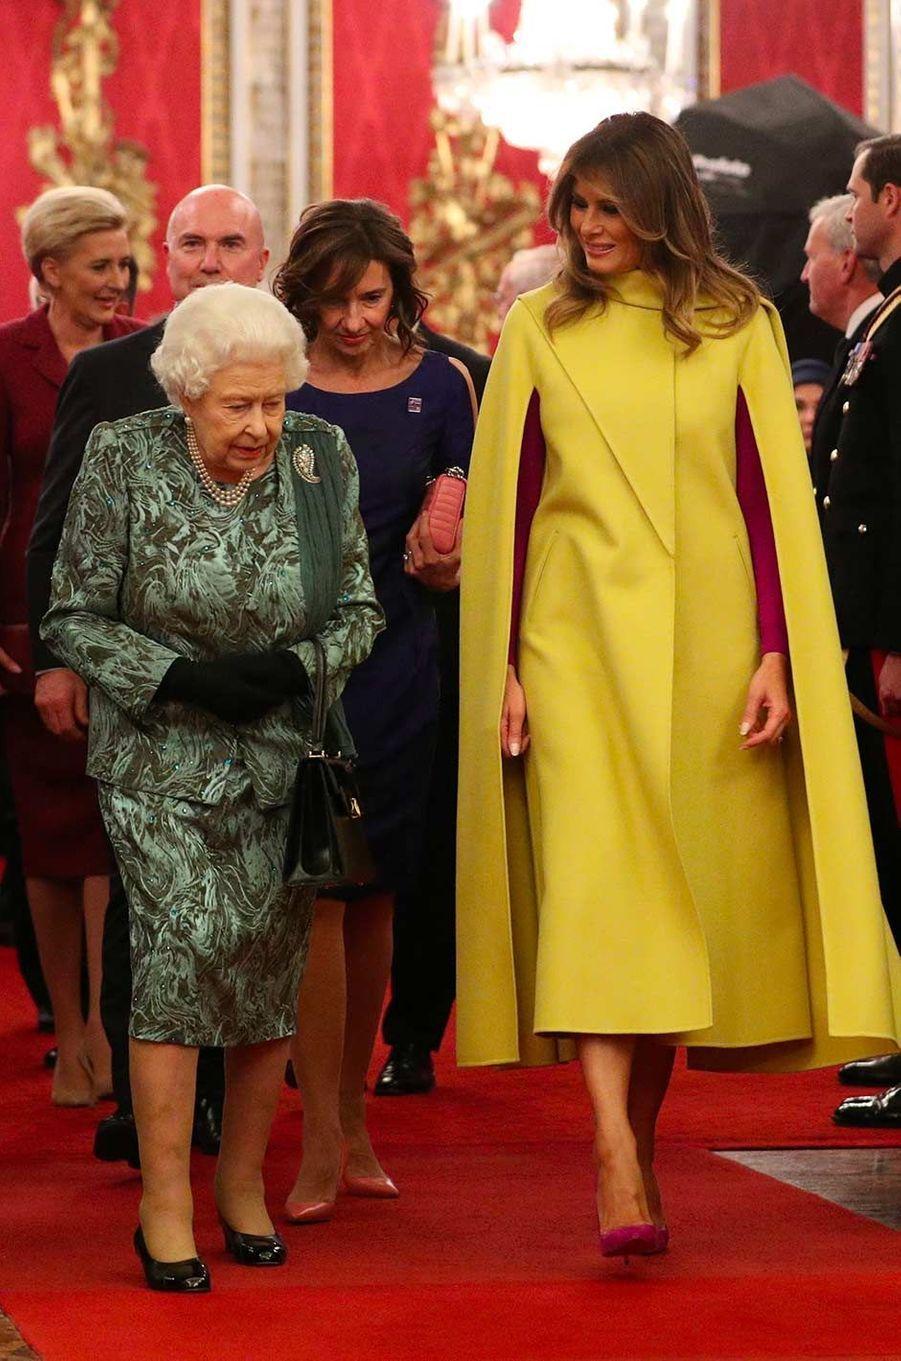 La reine Elizabeth II et Melania Trump à Buckingham Palace, le 3 décembre 2019.